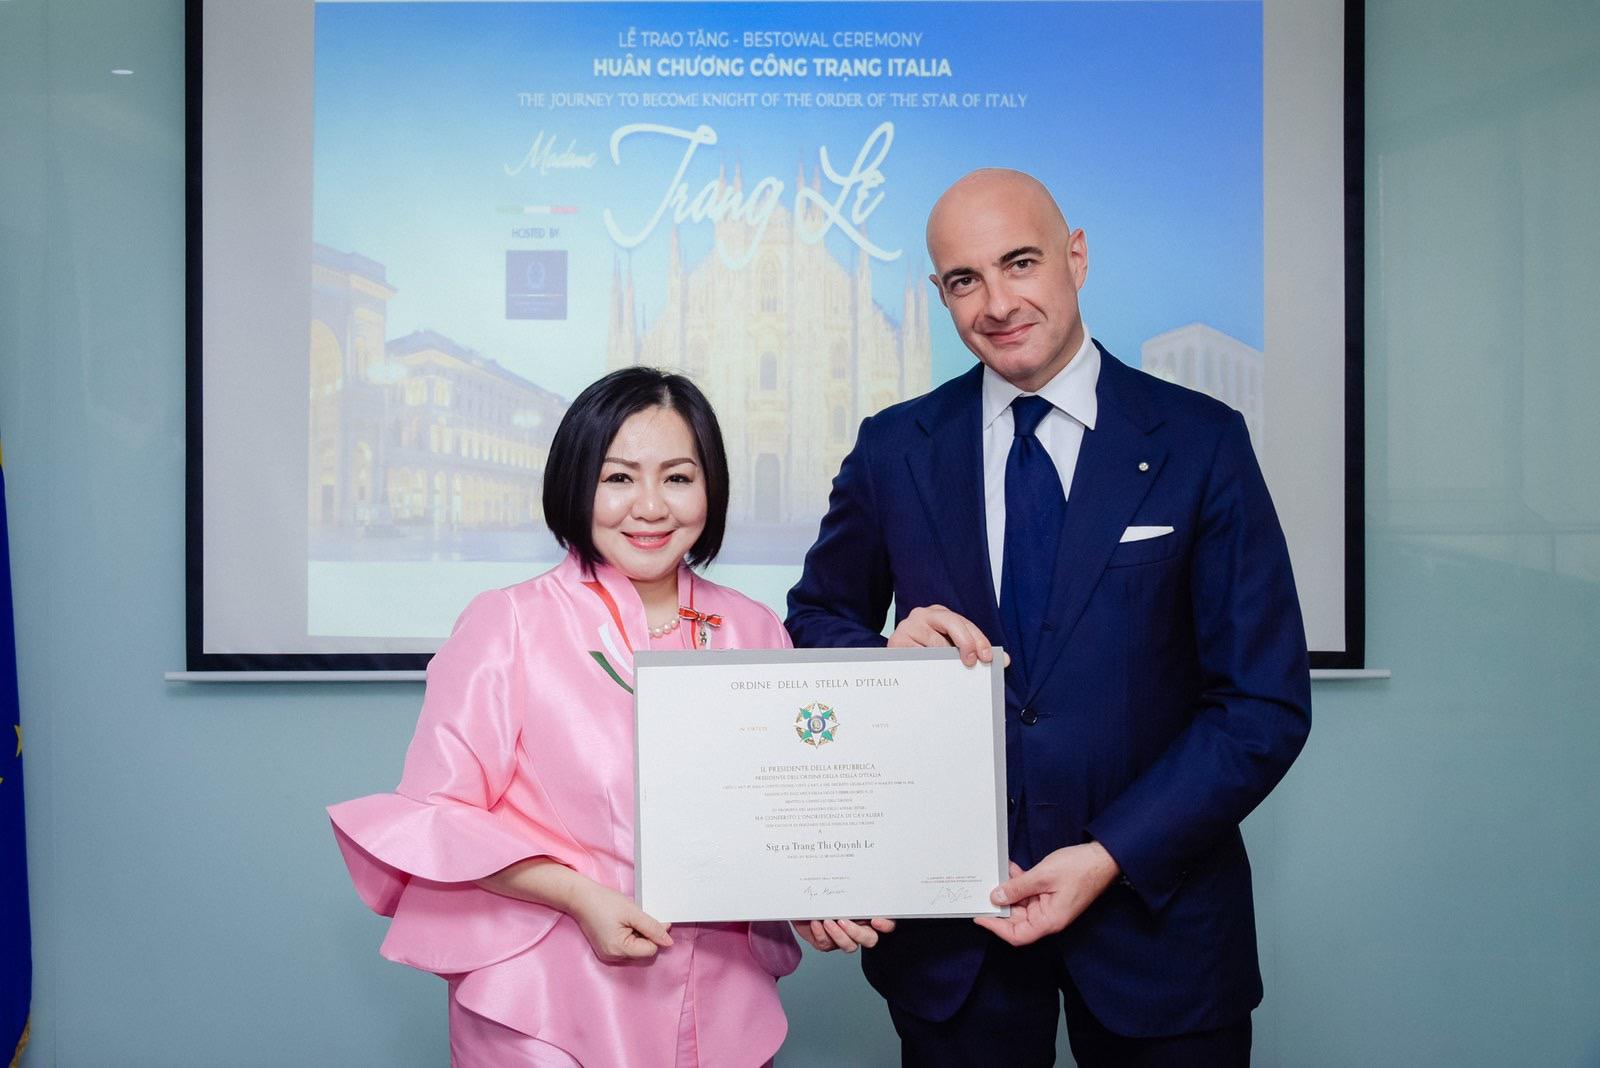 Người phụ nữ Việt đầu tiên được tặng Huân chương từ Tổng thống Ý là ai? - 1